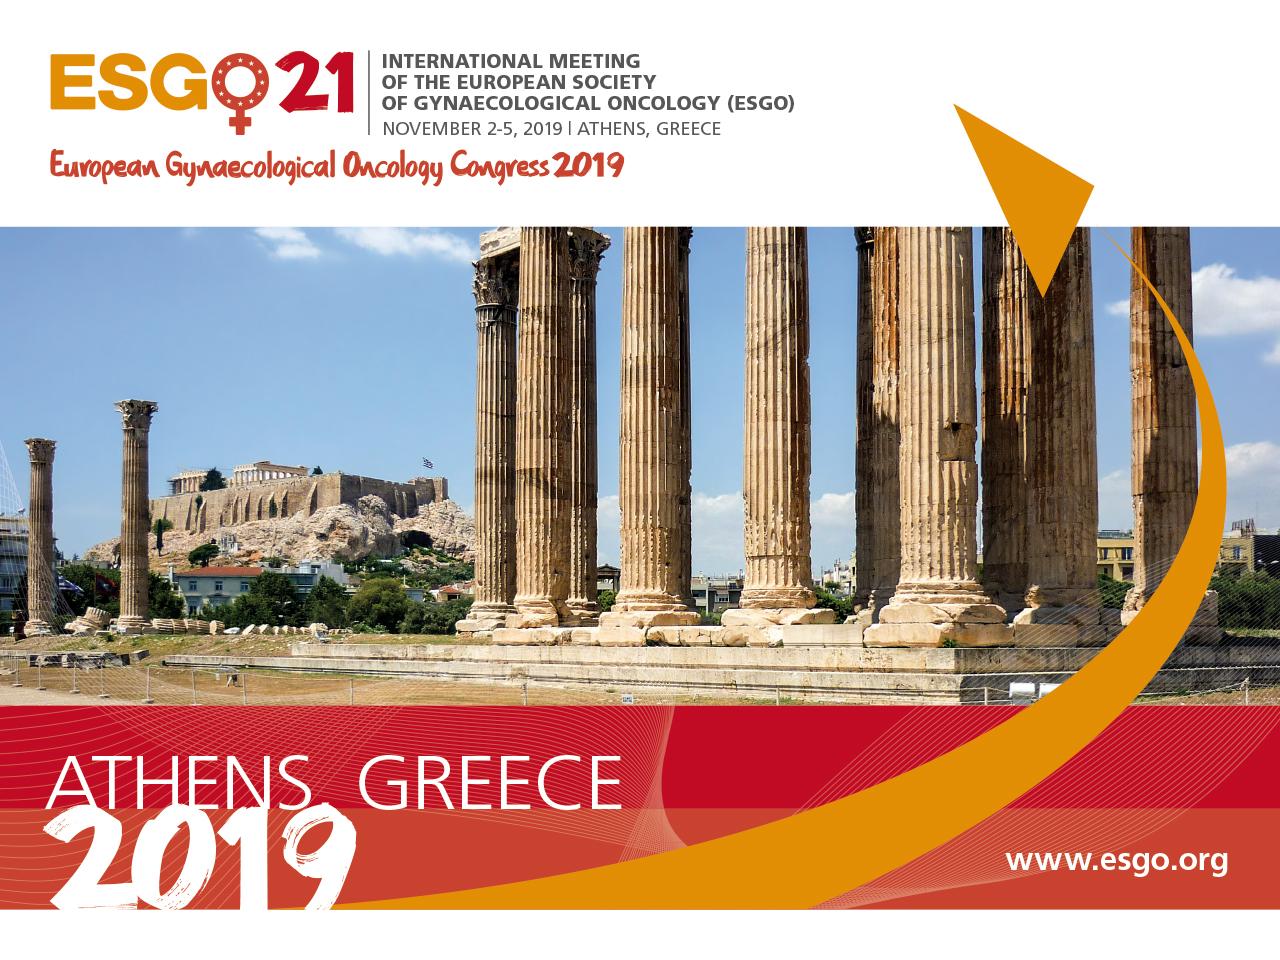 ESGO 2019 Congress – ESGO – European Society of